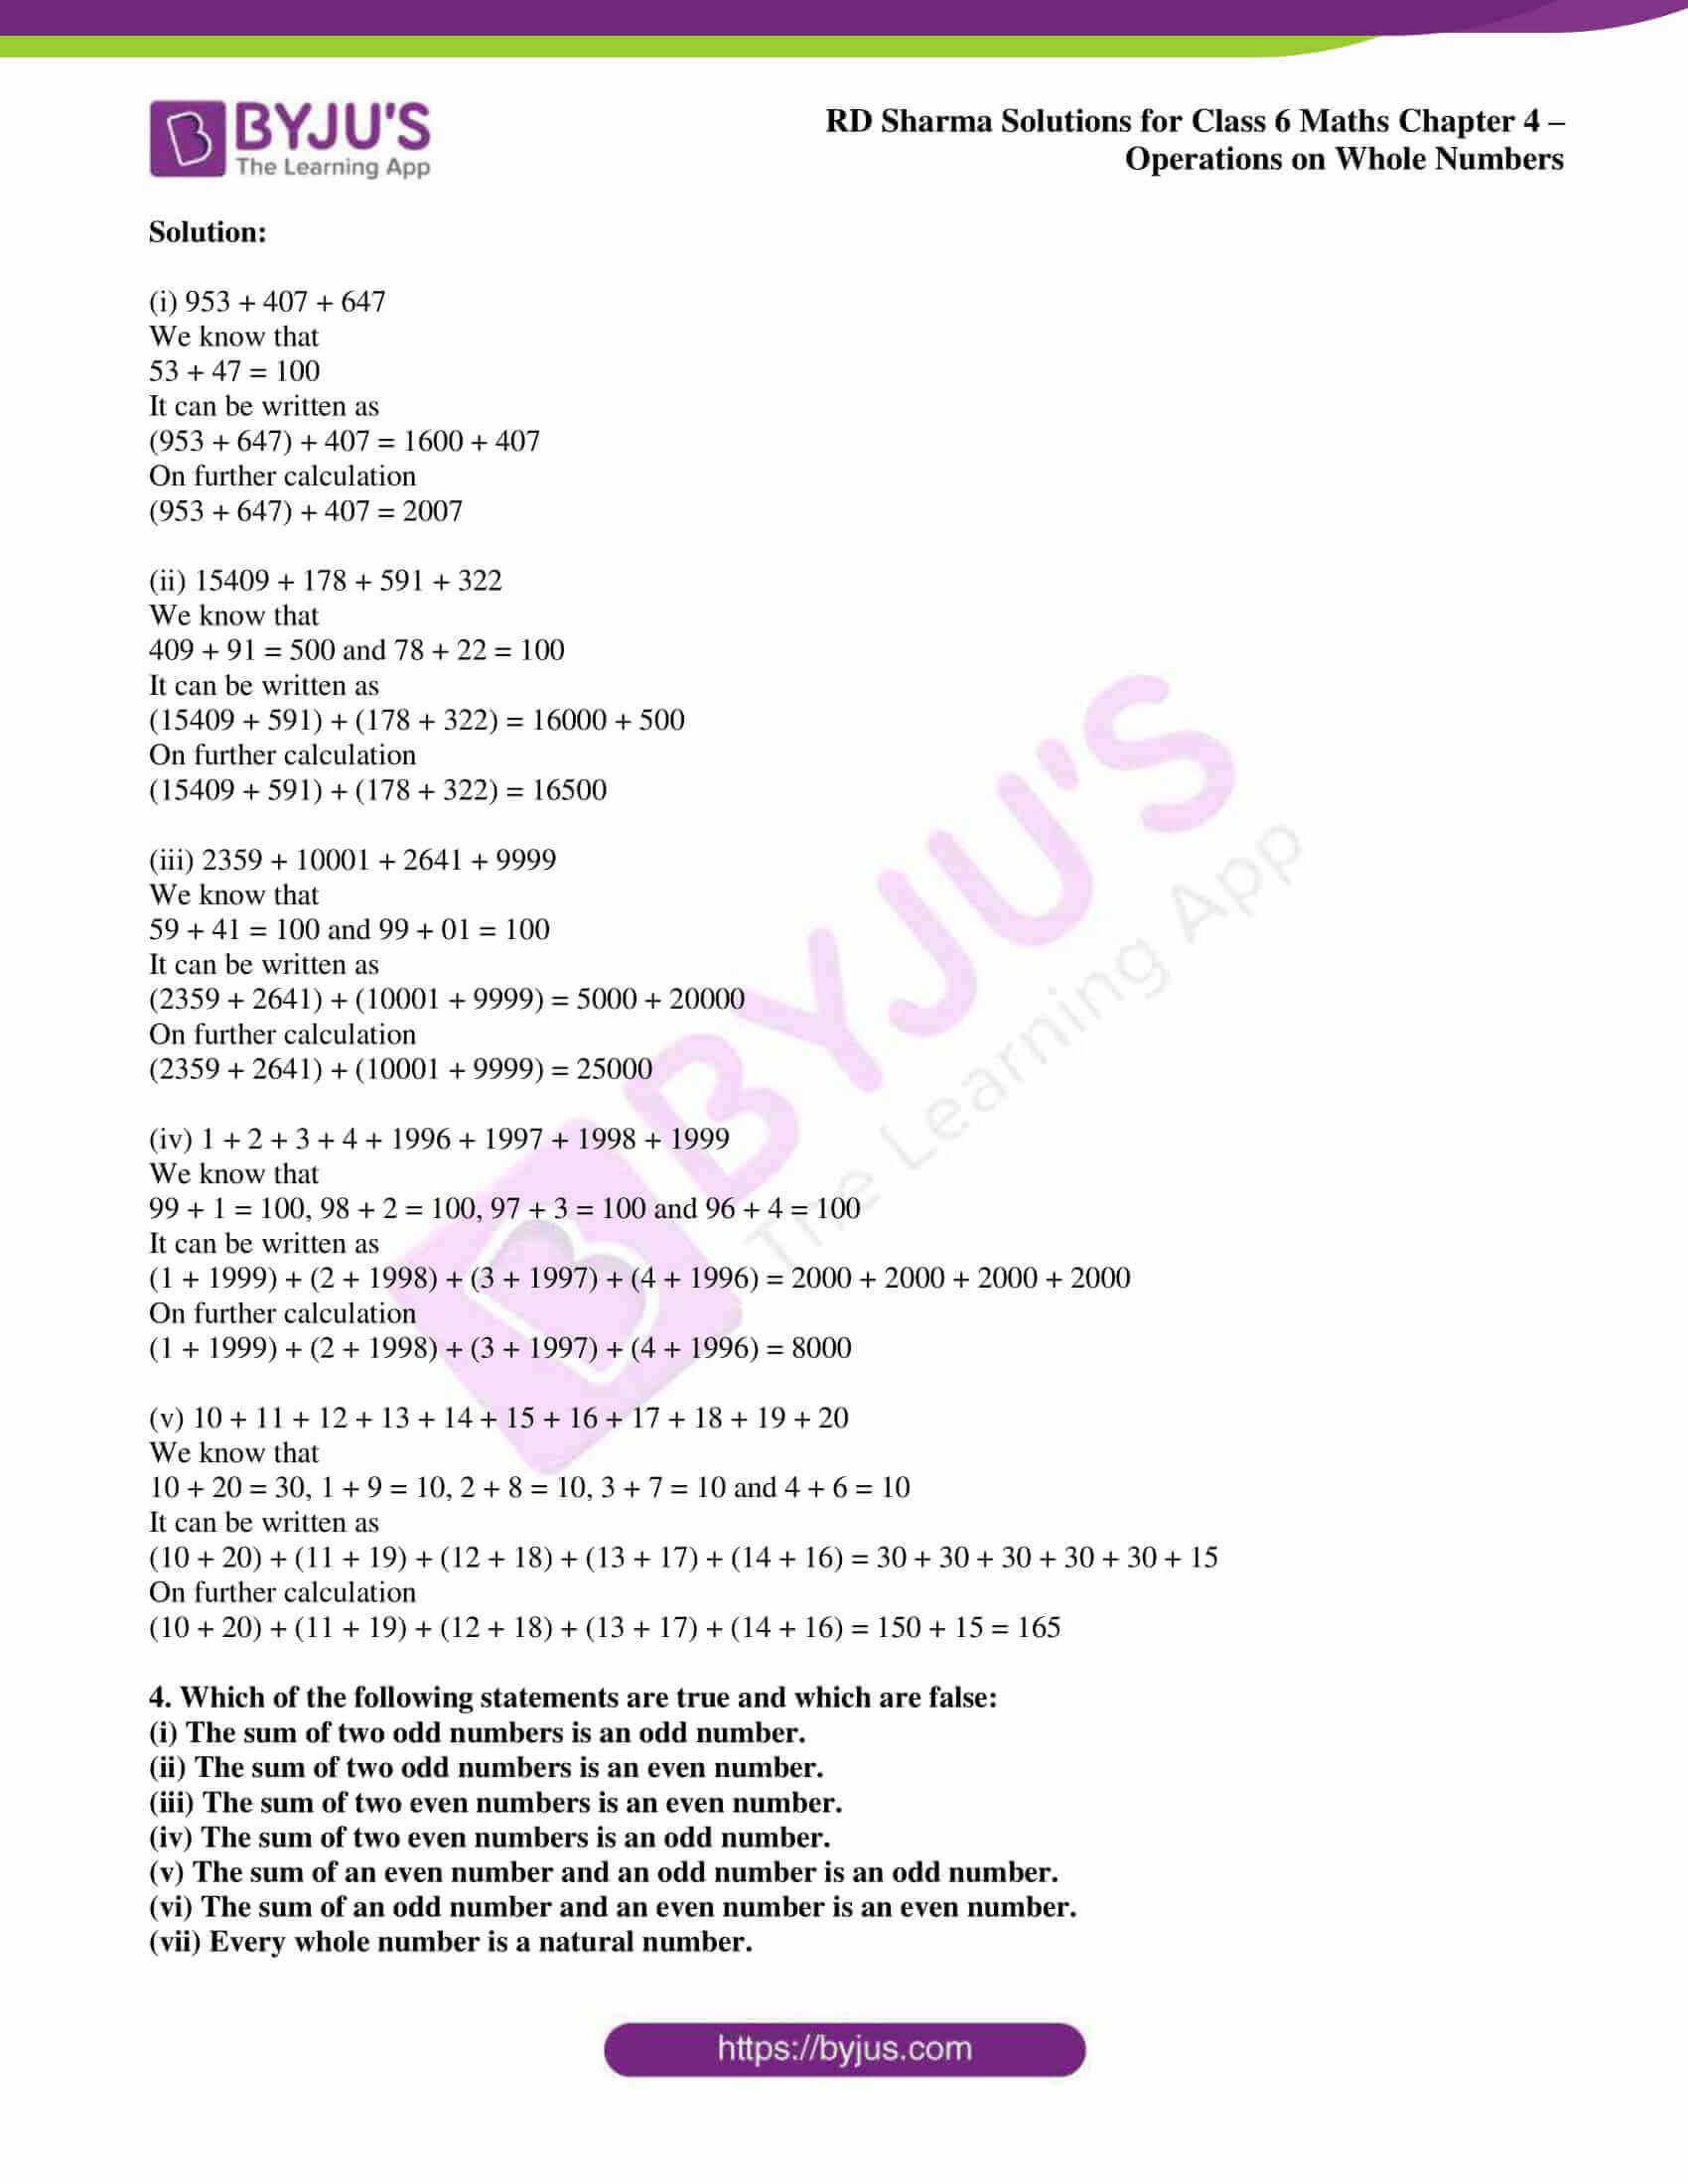 rd sharma class 6 maths solutions chapter 4 ex 1 2